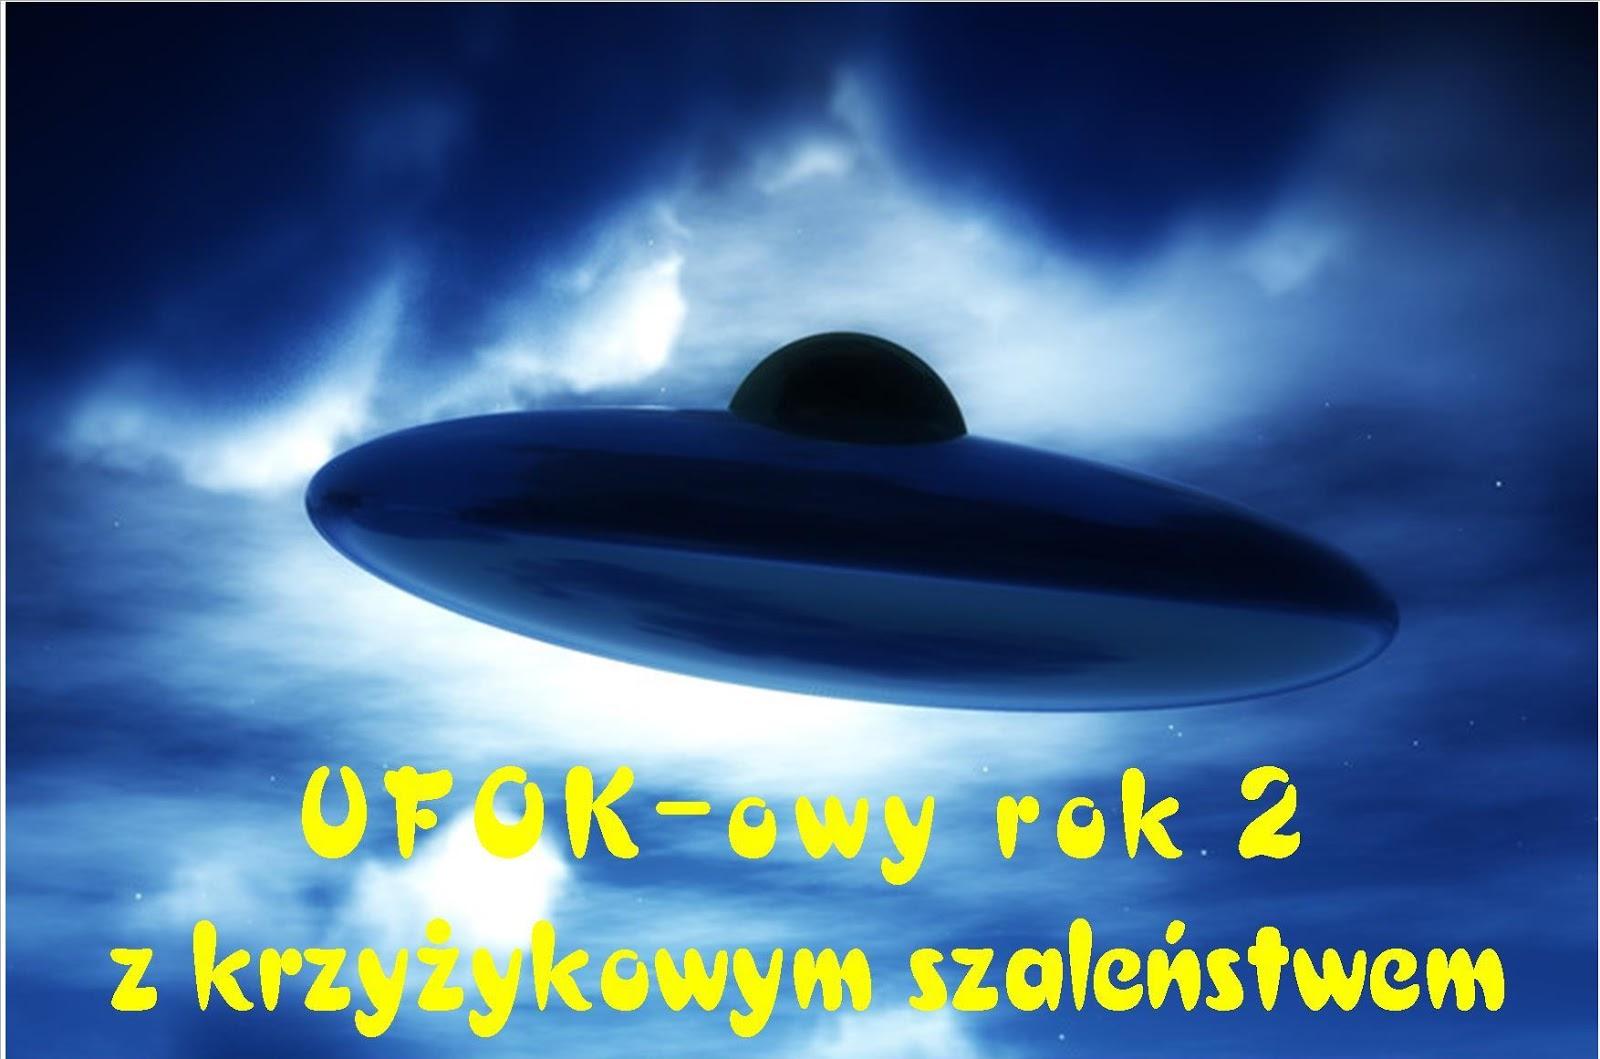 Ufokowy rok 2